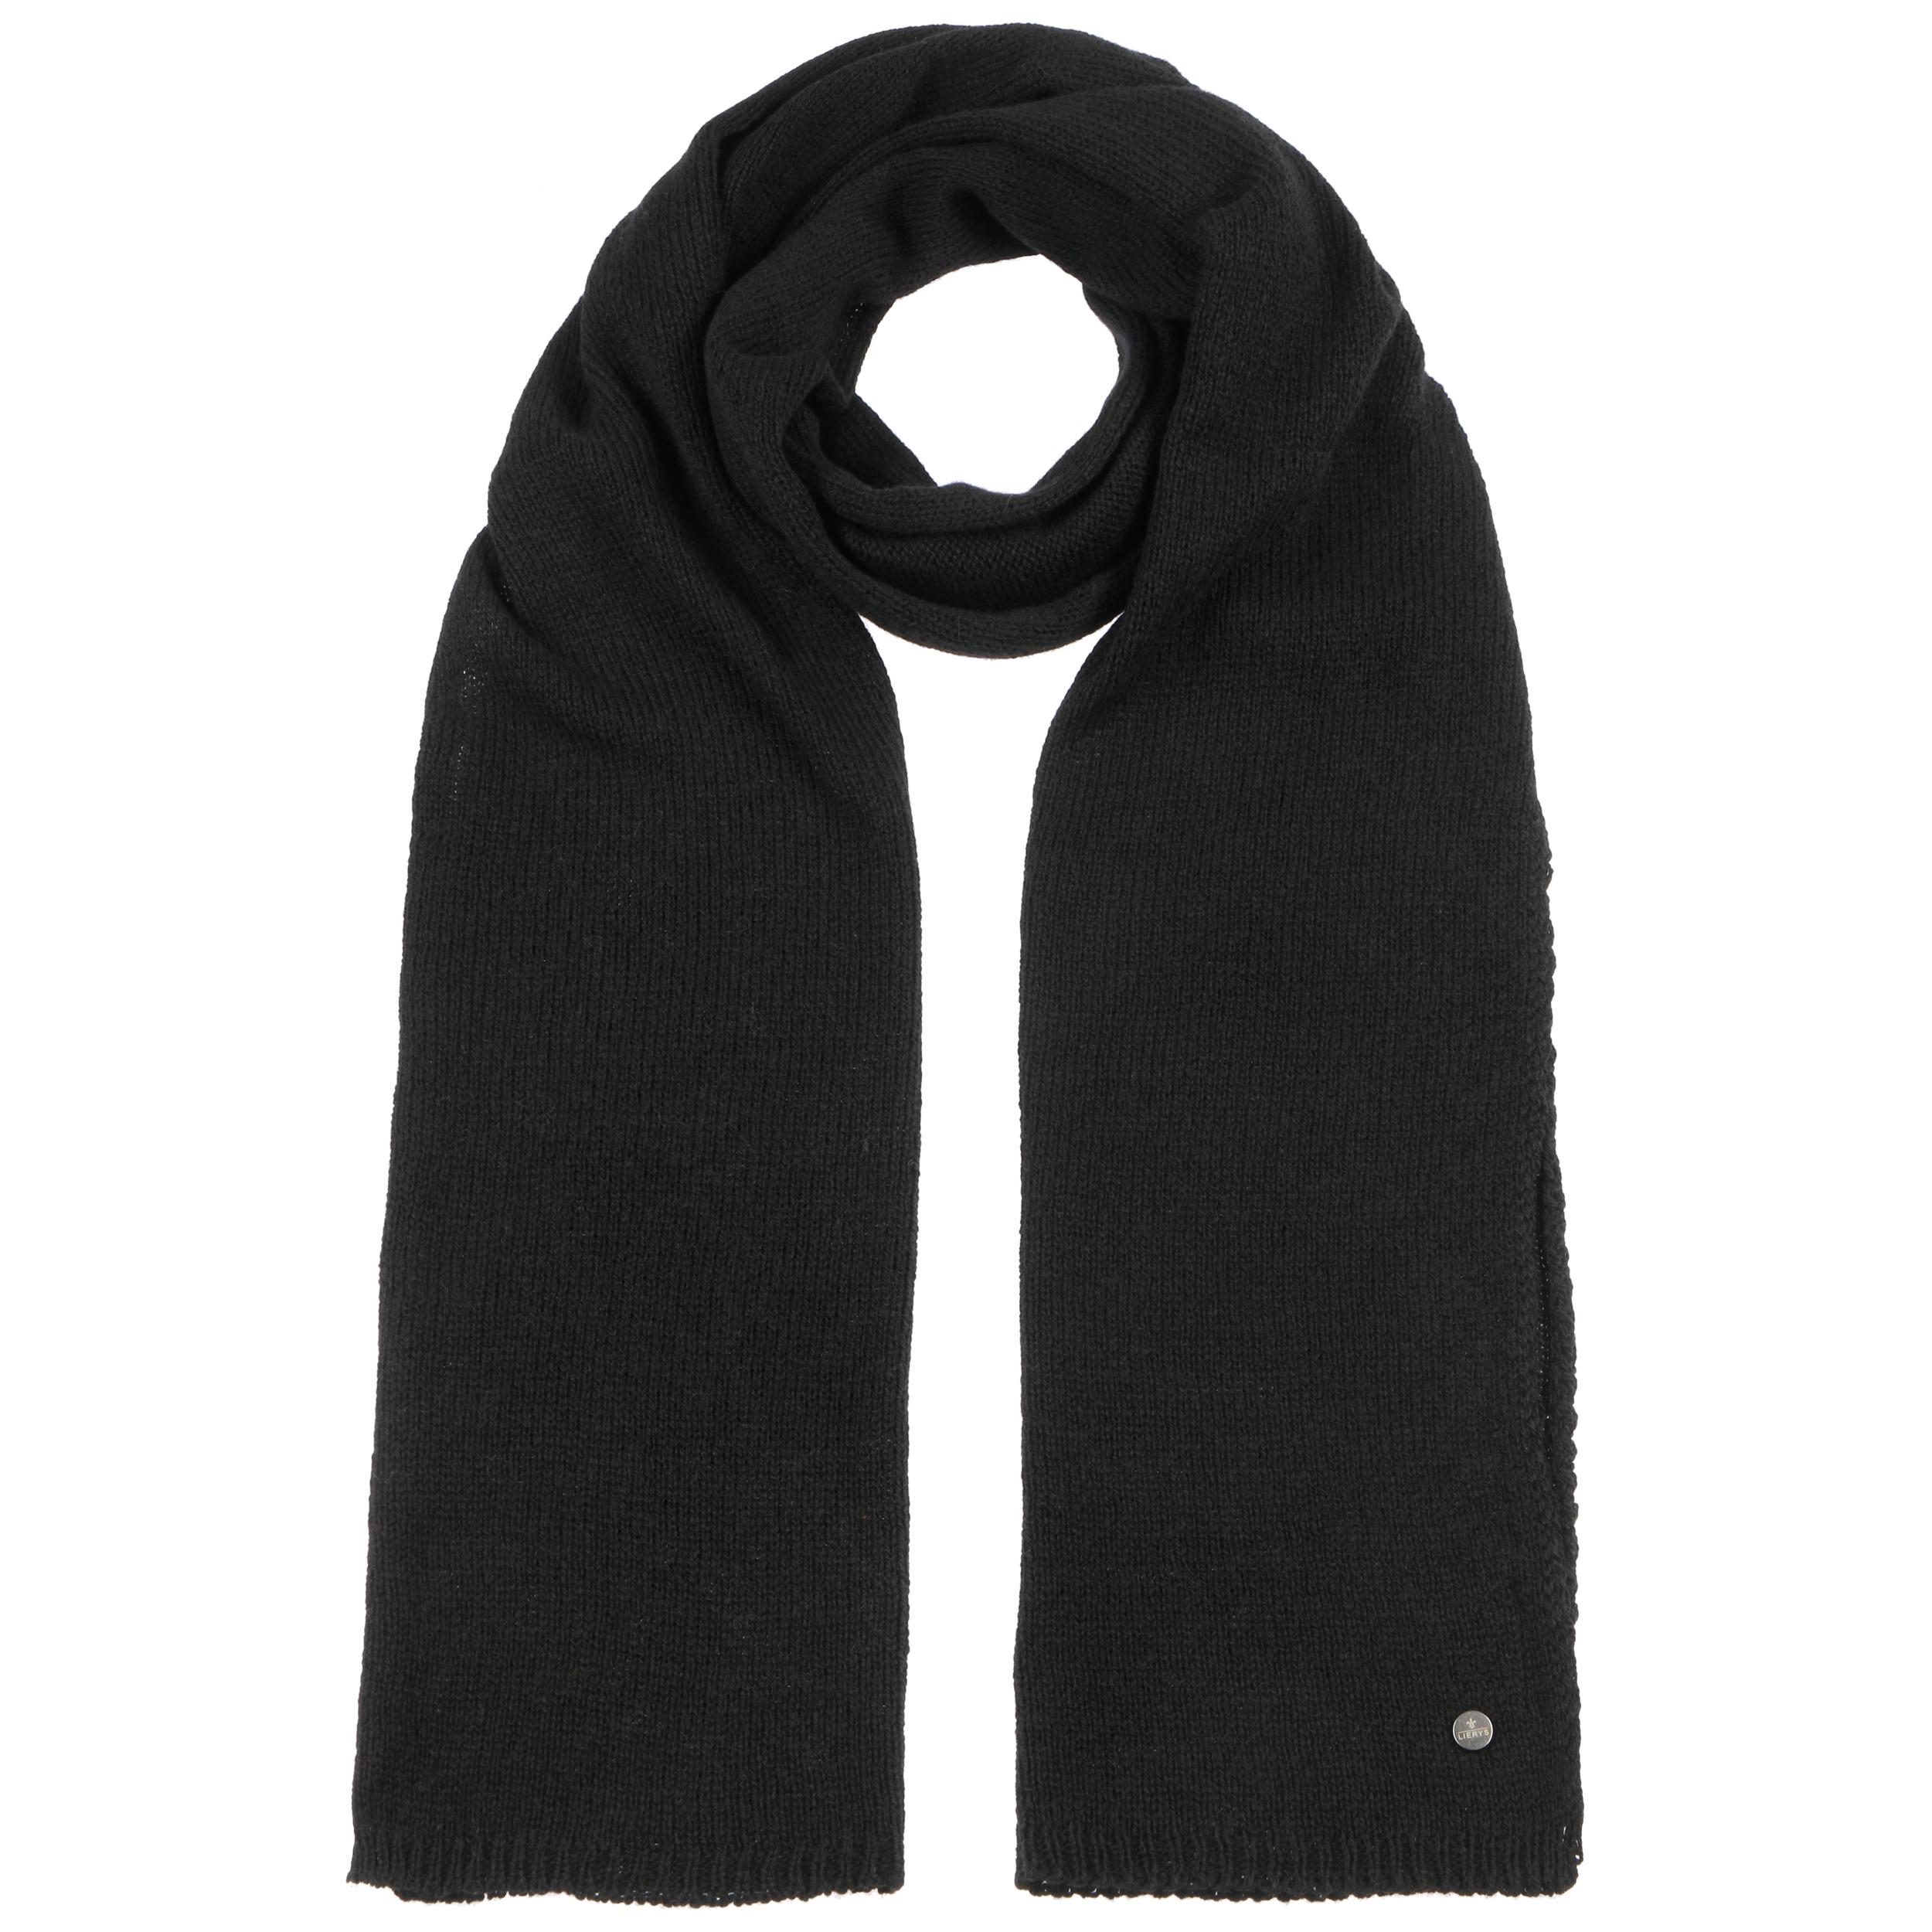 Écharpe tricot merino cachemirelierys, eur 49,95 --> chapeaux